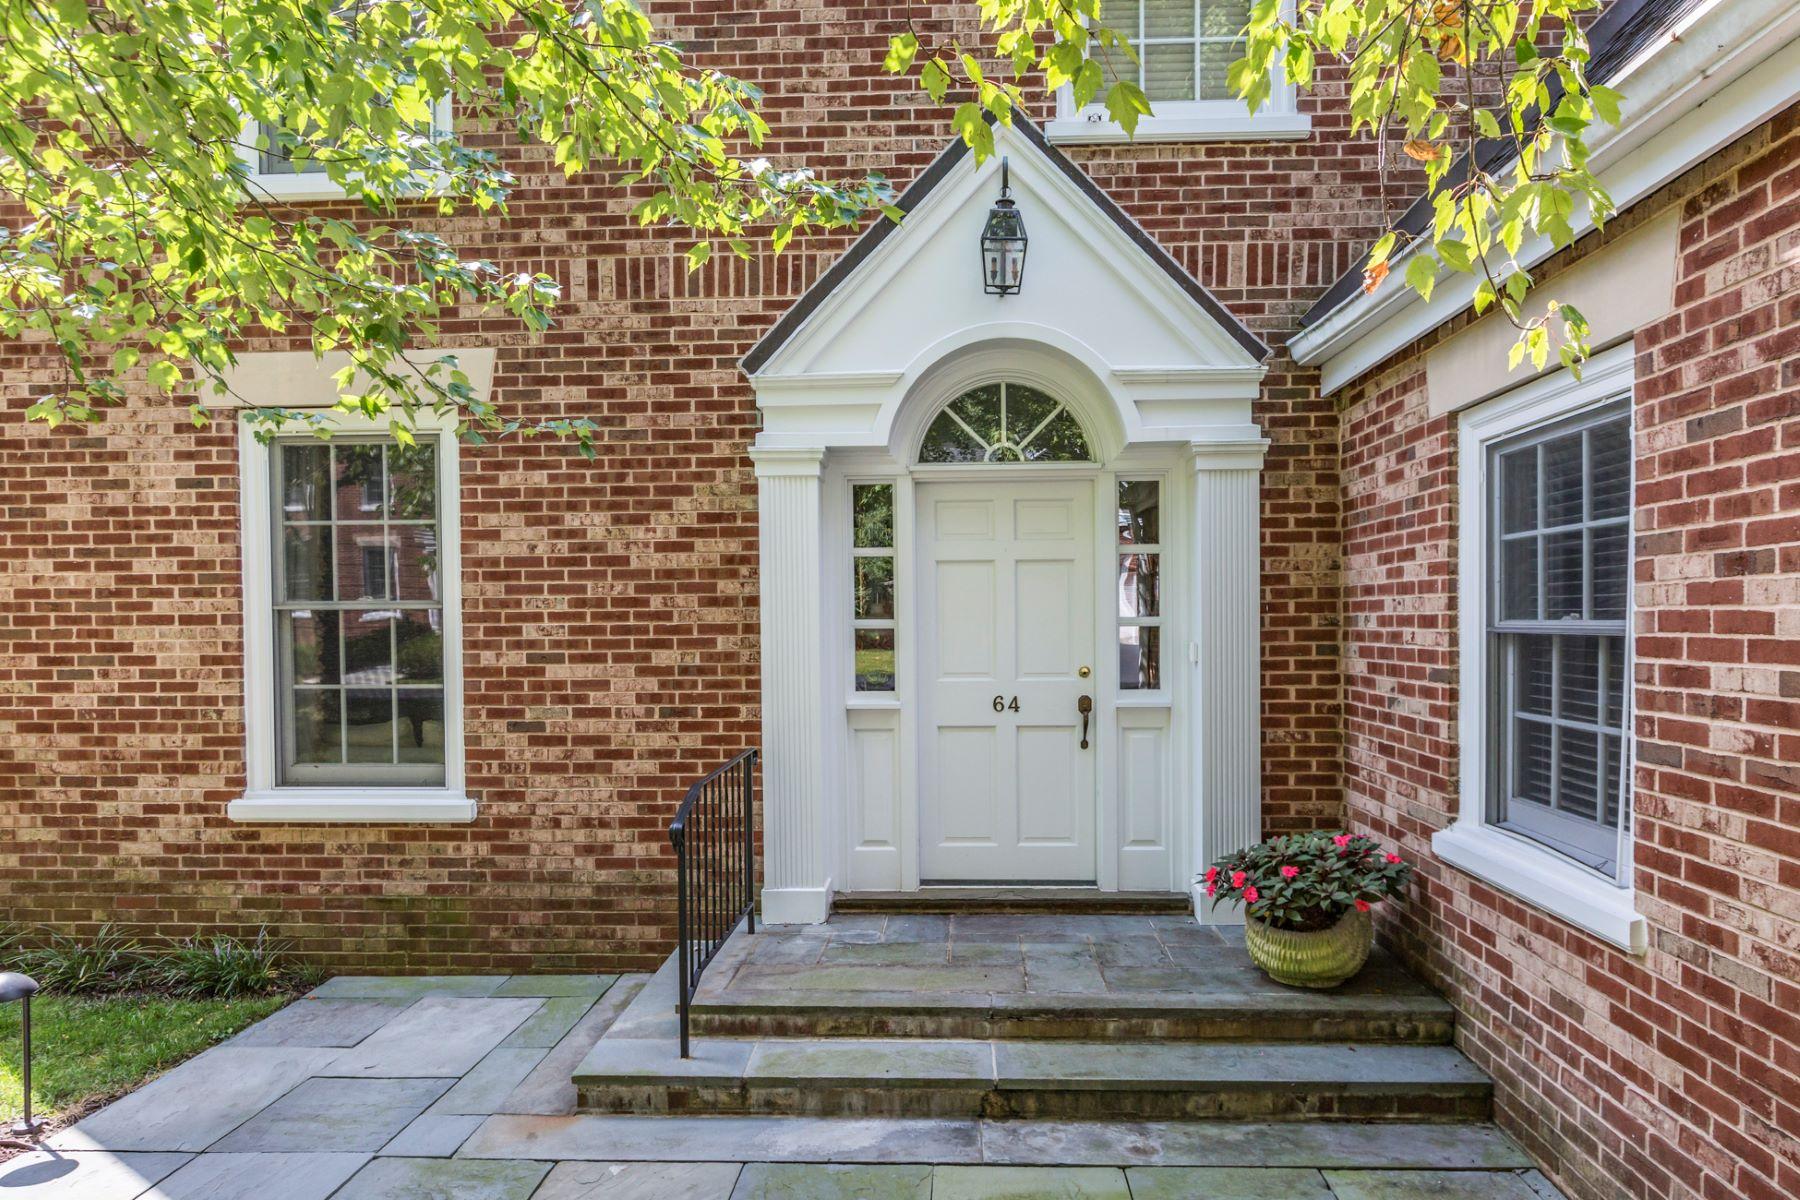 Casa unifamiliar adosada (Townhouse) por un Venta en An Easy Life of Refined Elegance 64 Governors Lane Princeton, Nueva Jersey, 08540 Estados Unidos